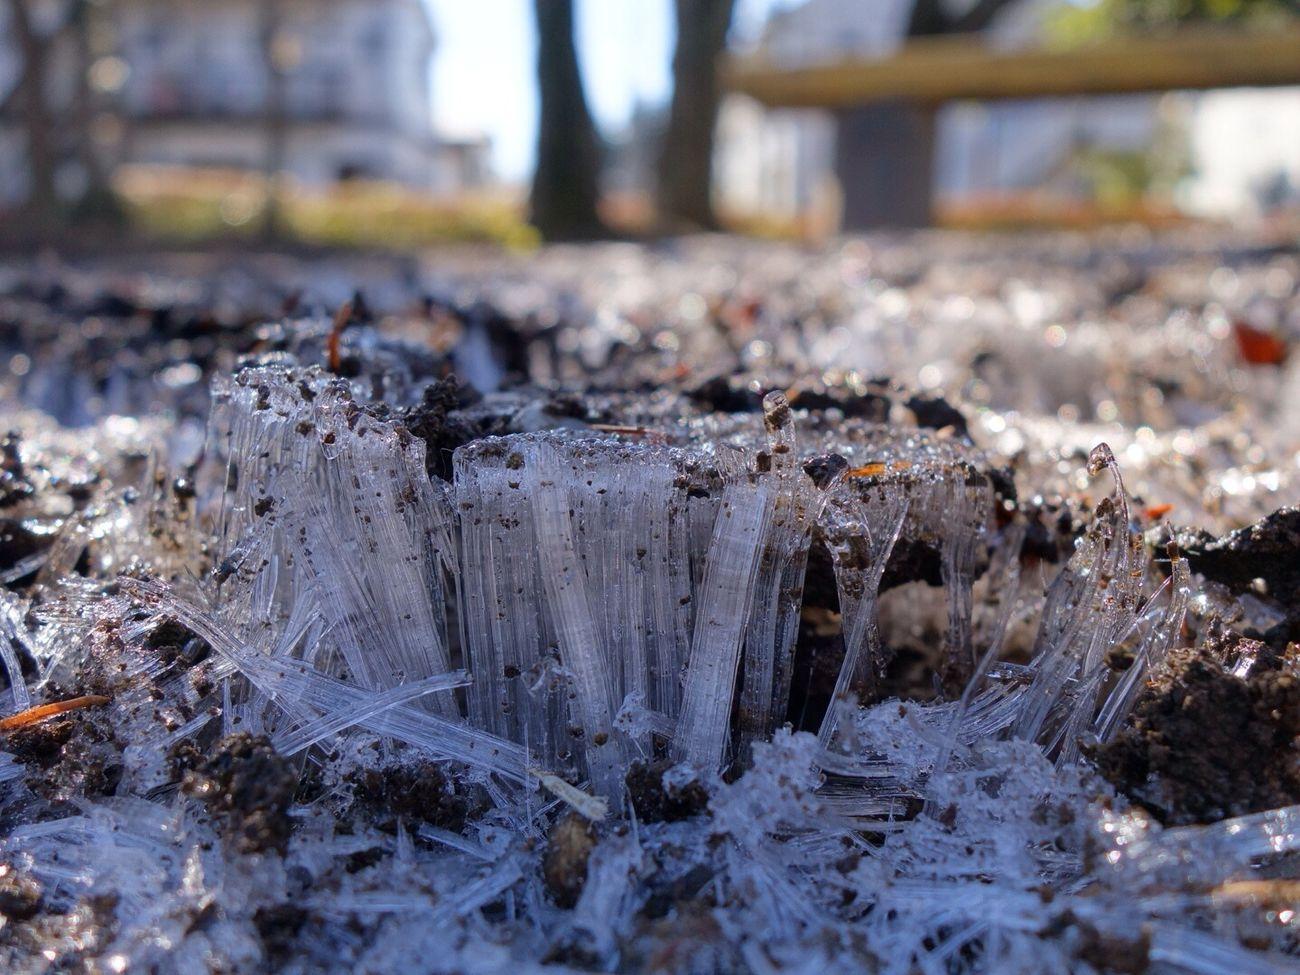 Needle ice 今日も寒いね。